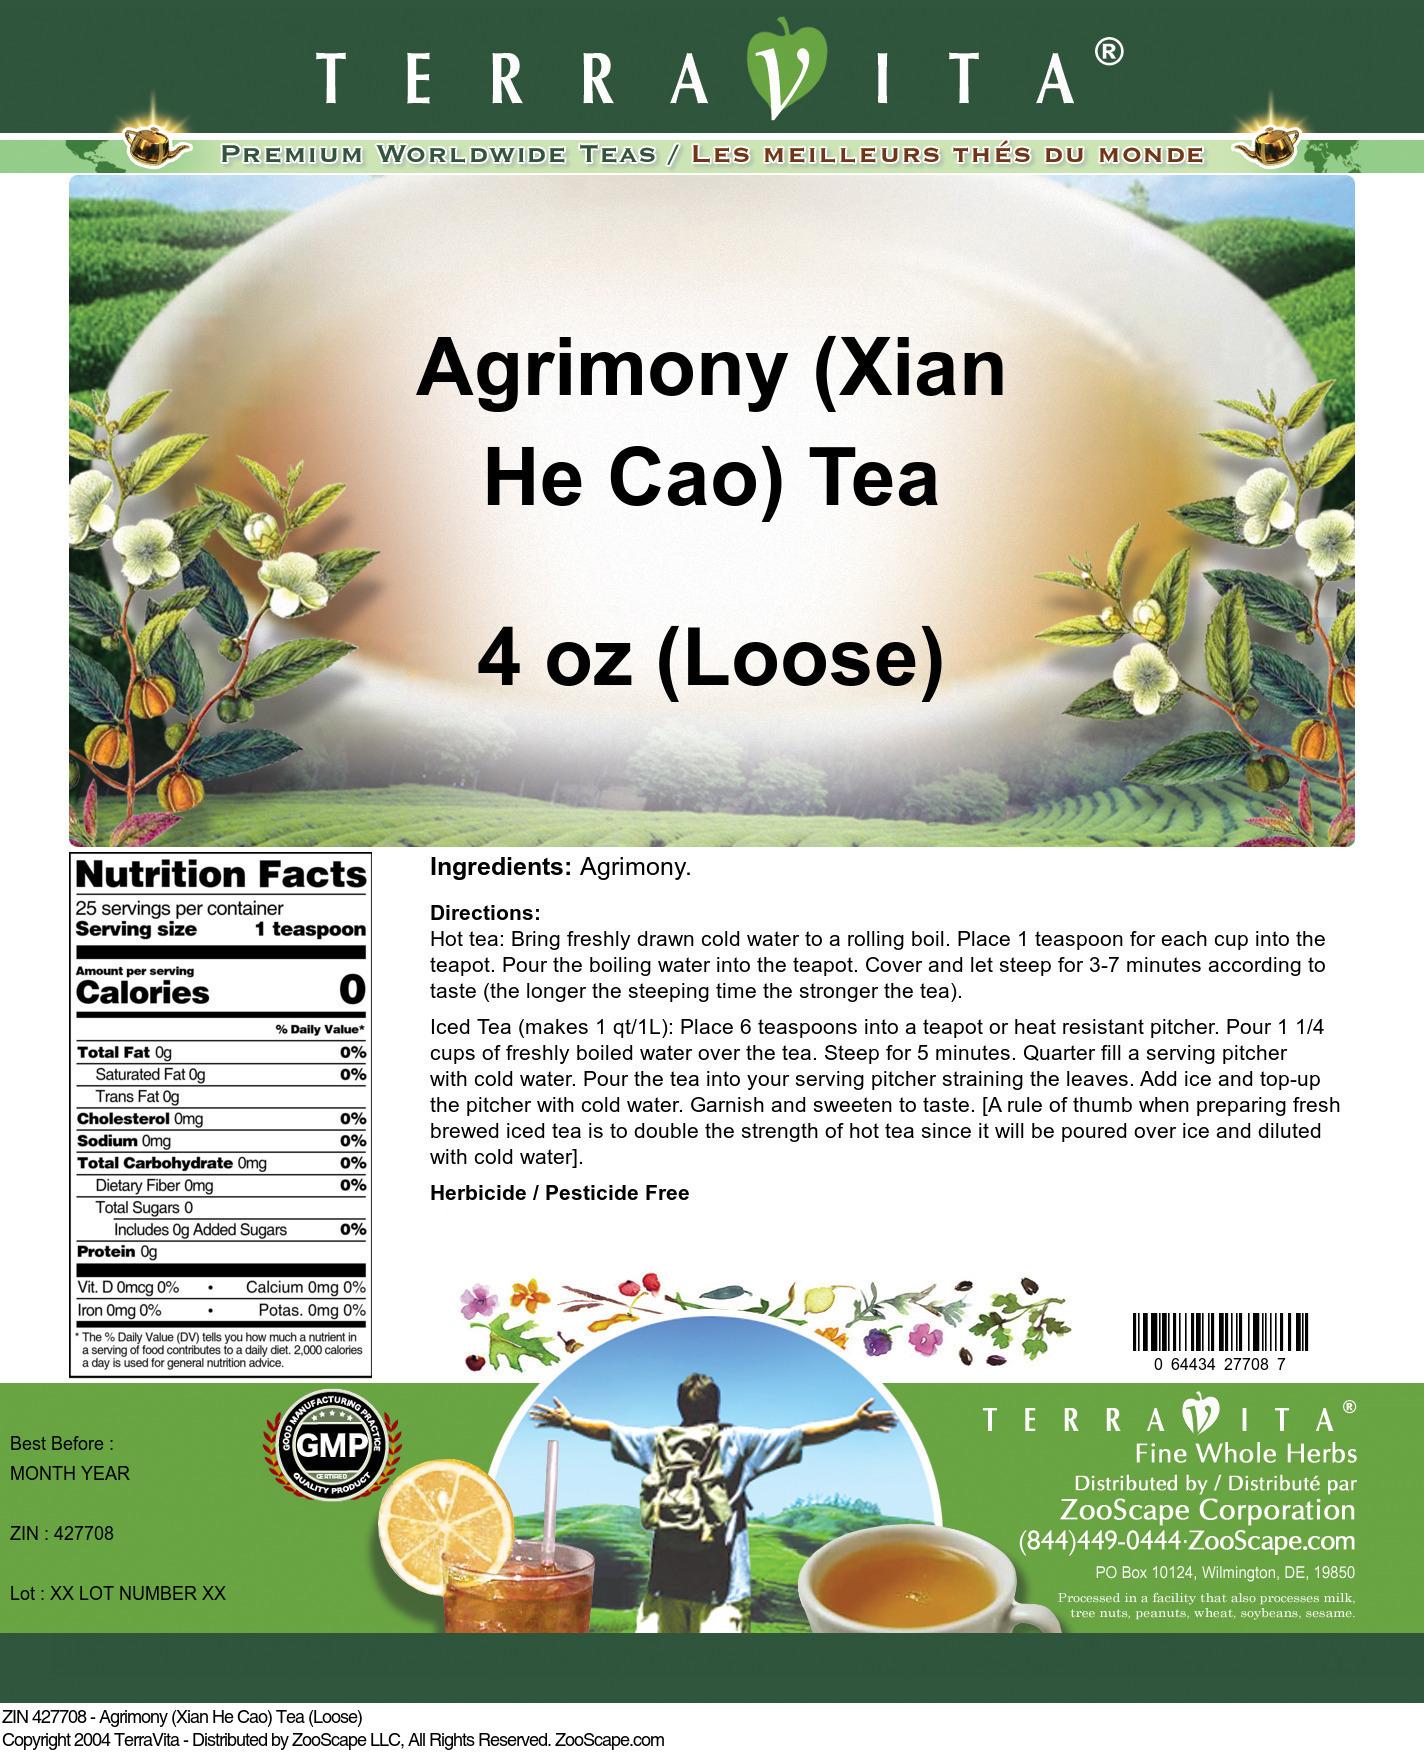 Agrimony (Xian He Cao) Tea (Loose)